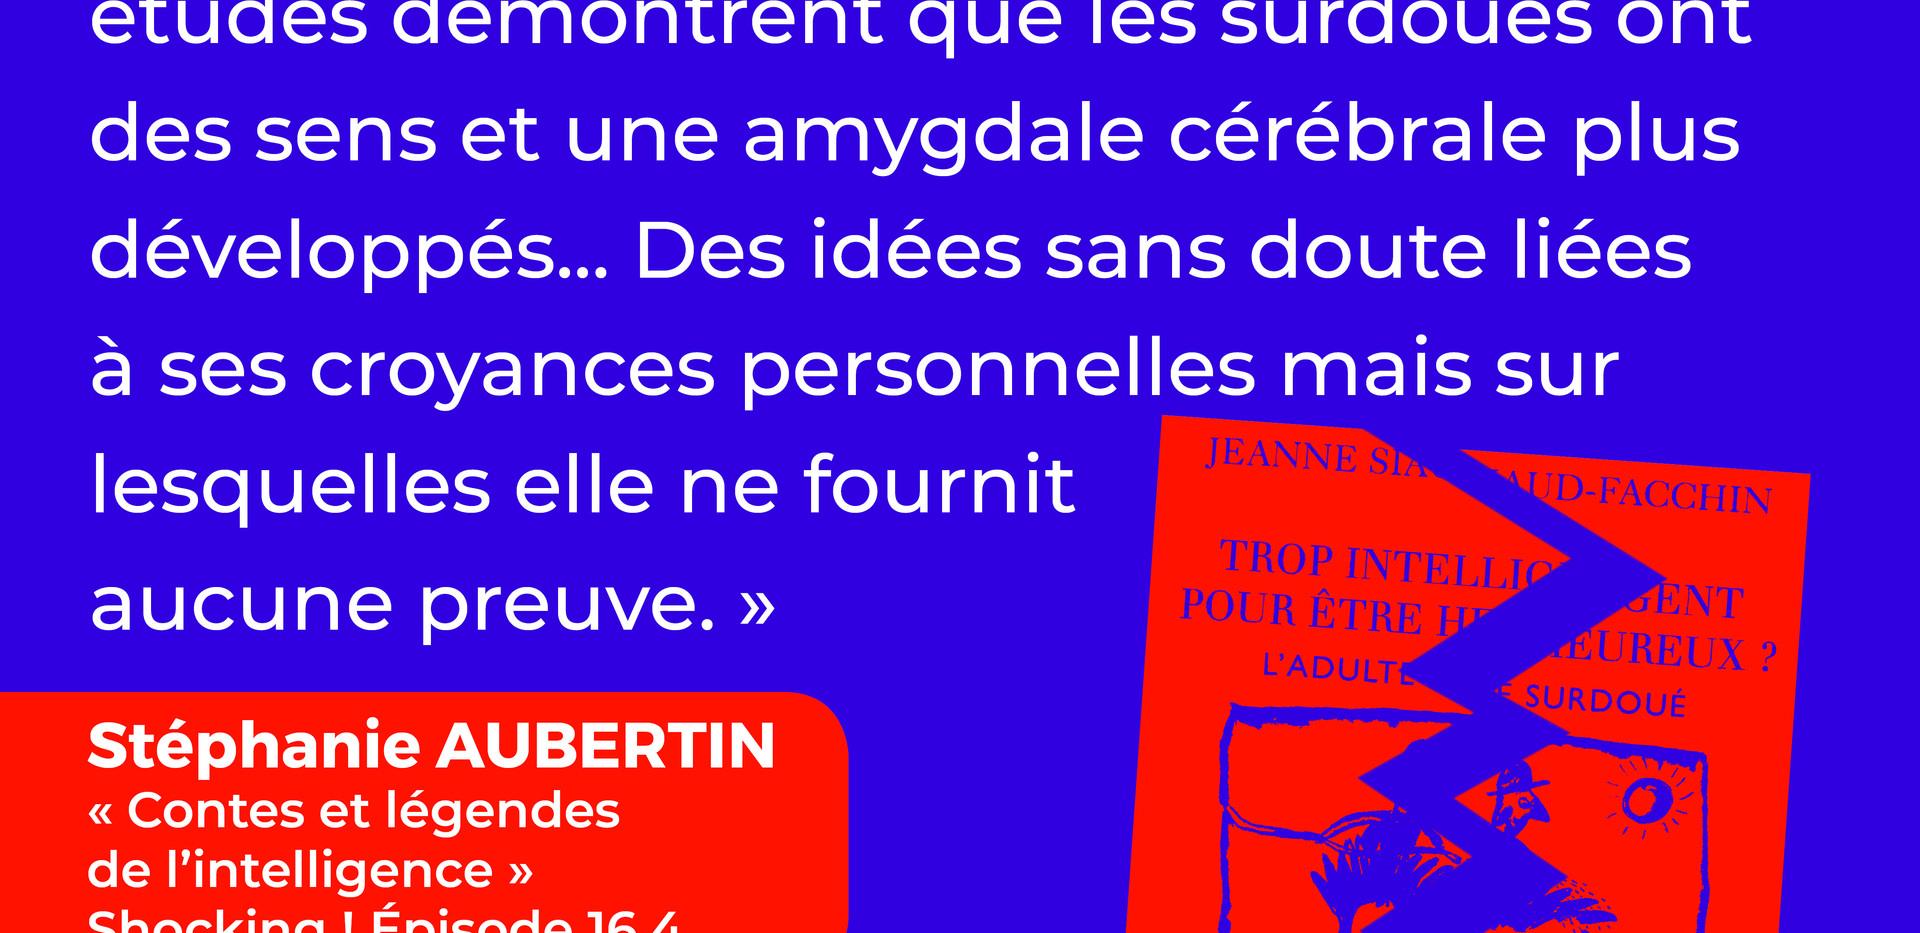 Les idées fausses de Jeanne Siaud-Facchin